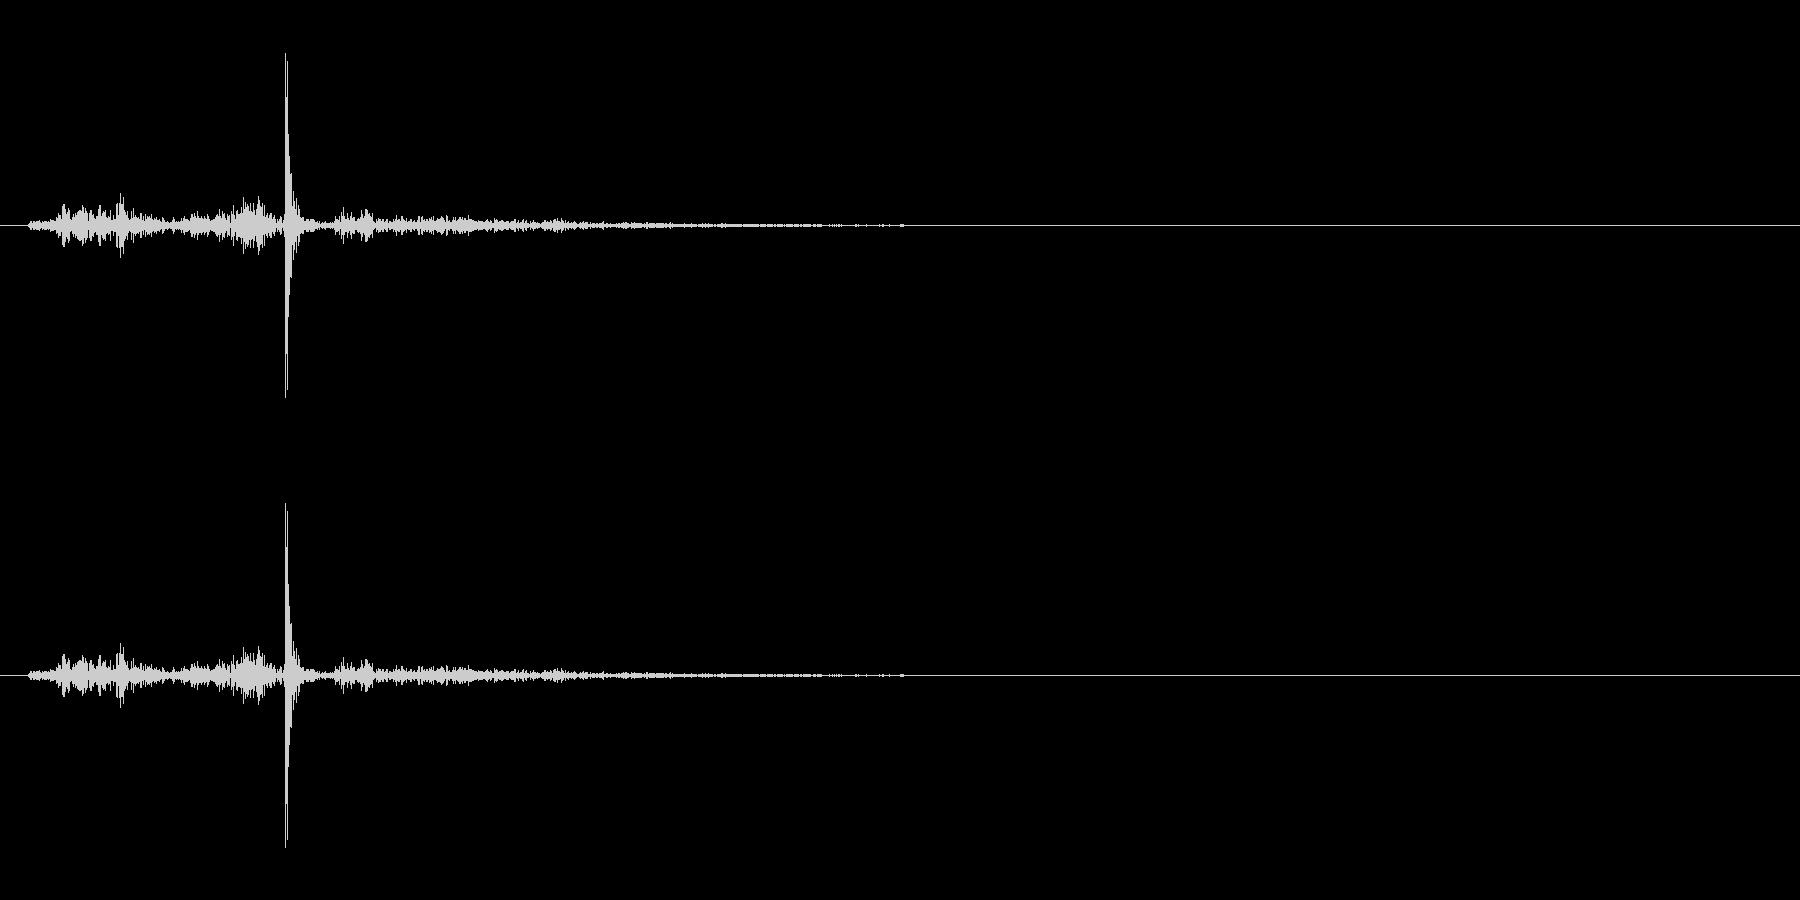 【生録音】ハサミの音 2の未再生の波形